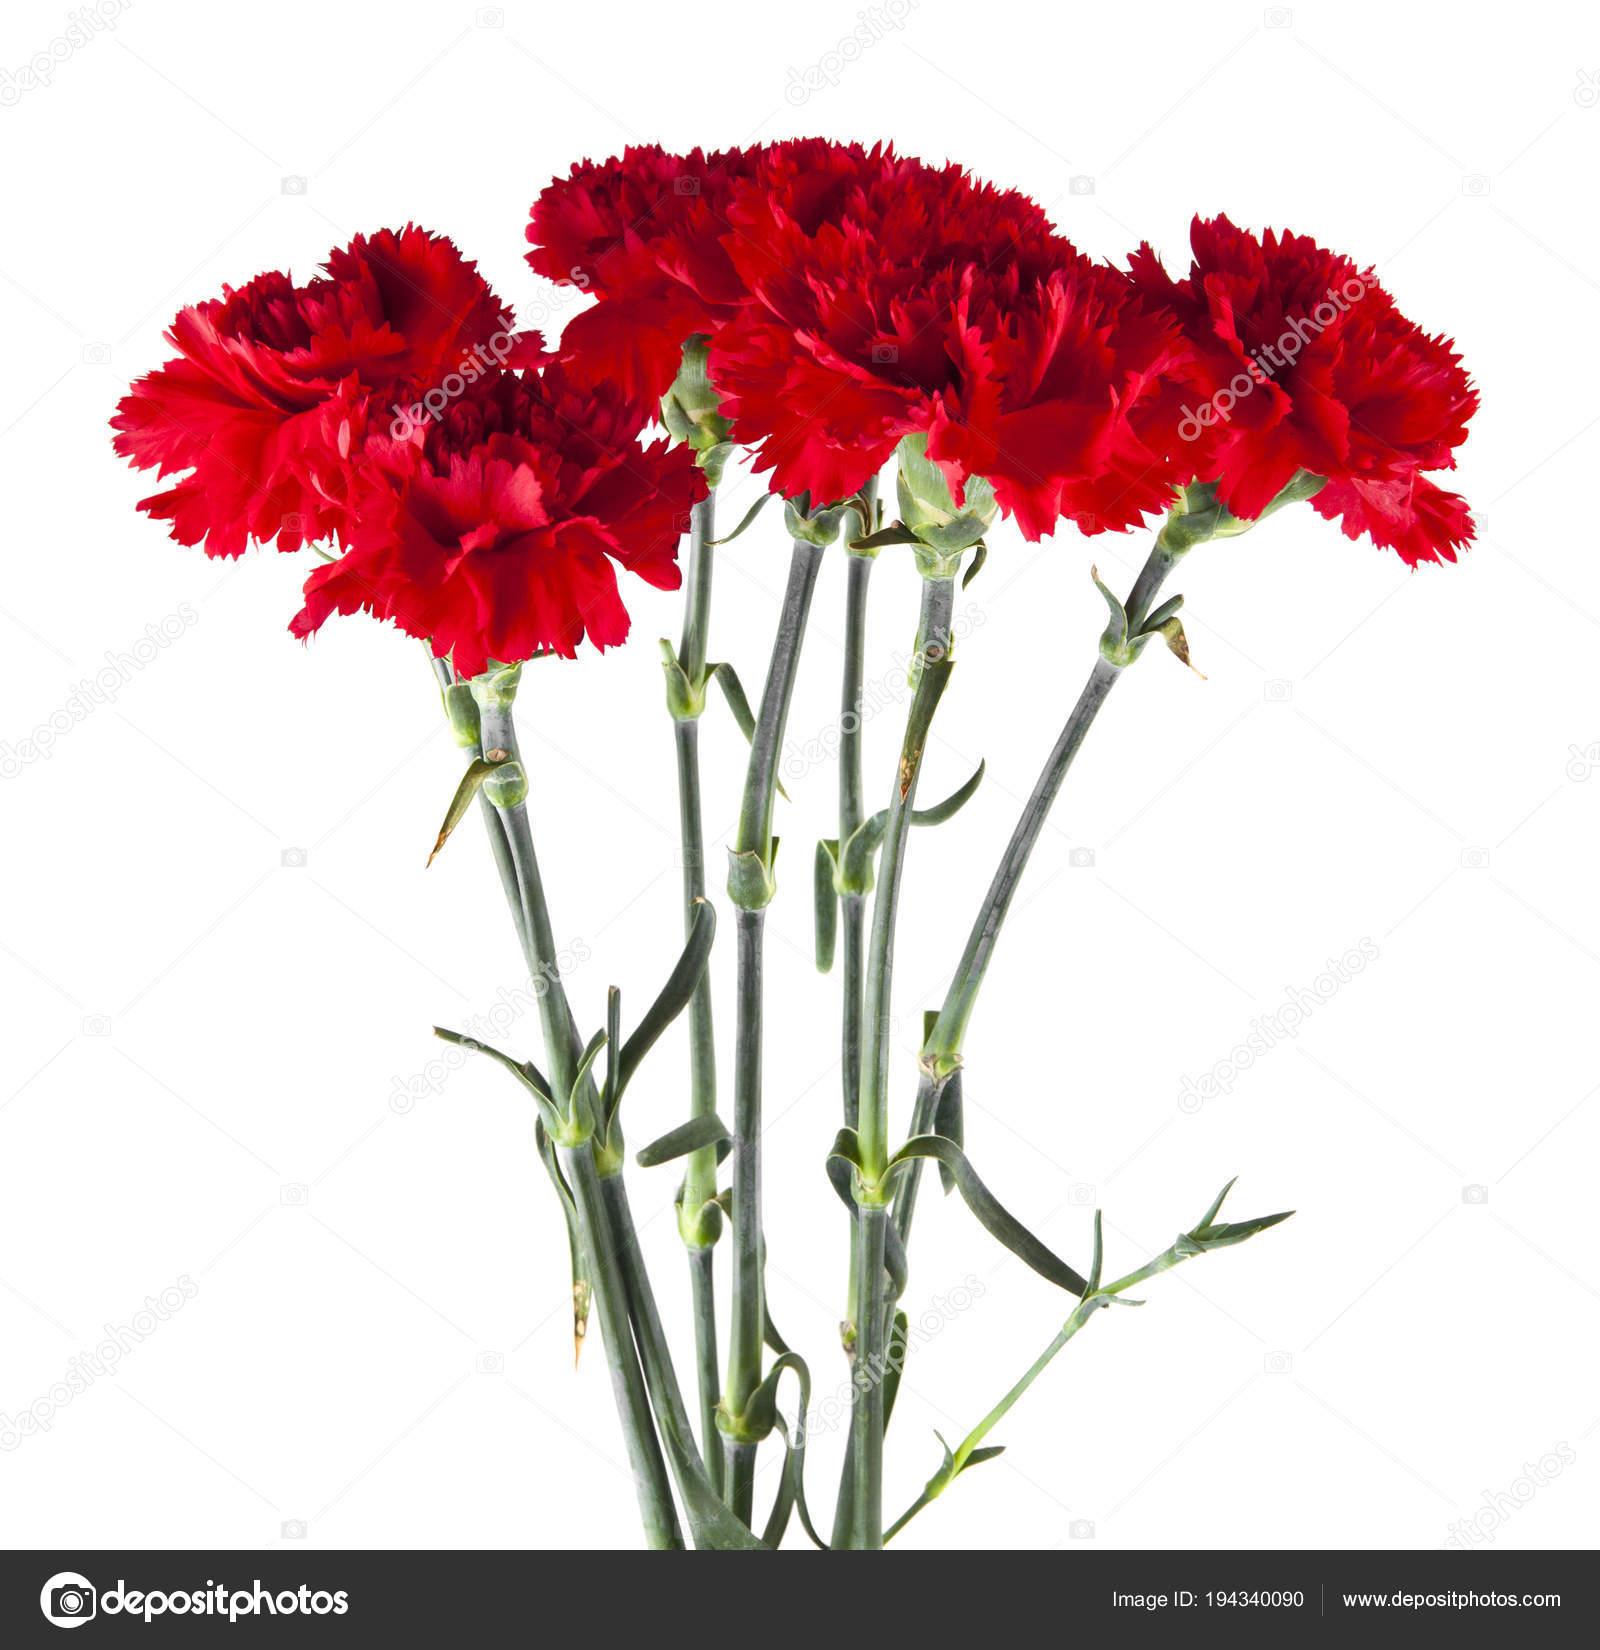 Fabelhaft rote nelke blume isoliert auf weißem hintergrund — Stockfoto &TF_74